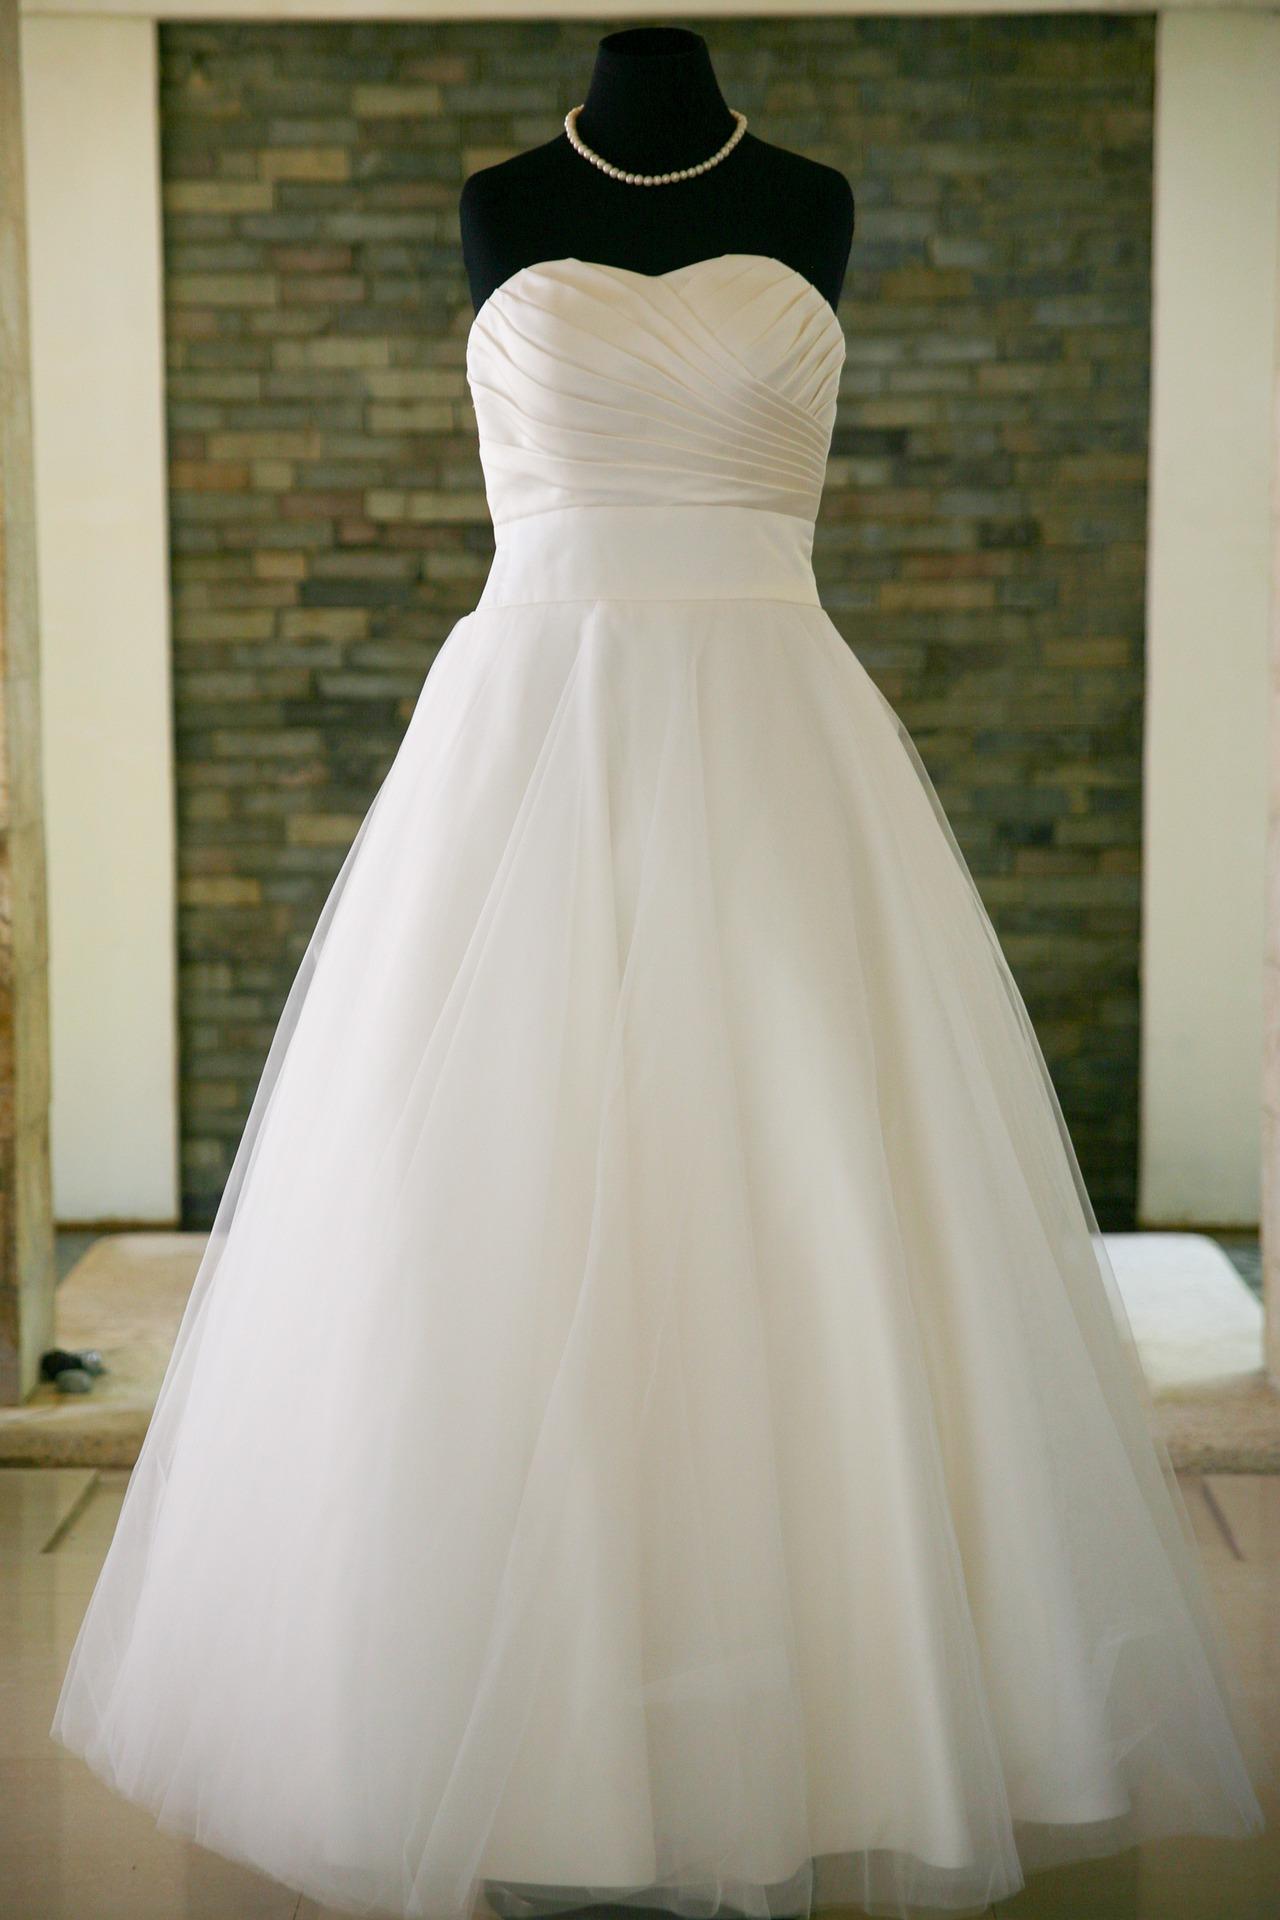 b909d26dd0eb Vestito da sposa quale il tessuto migliore  » Fashion Frozen